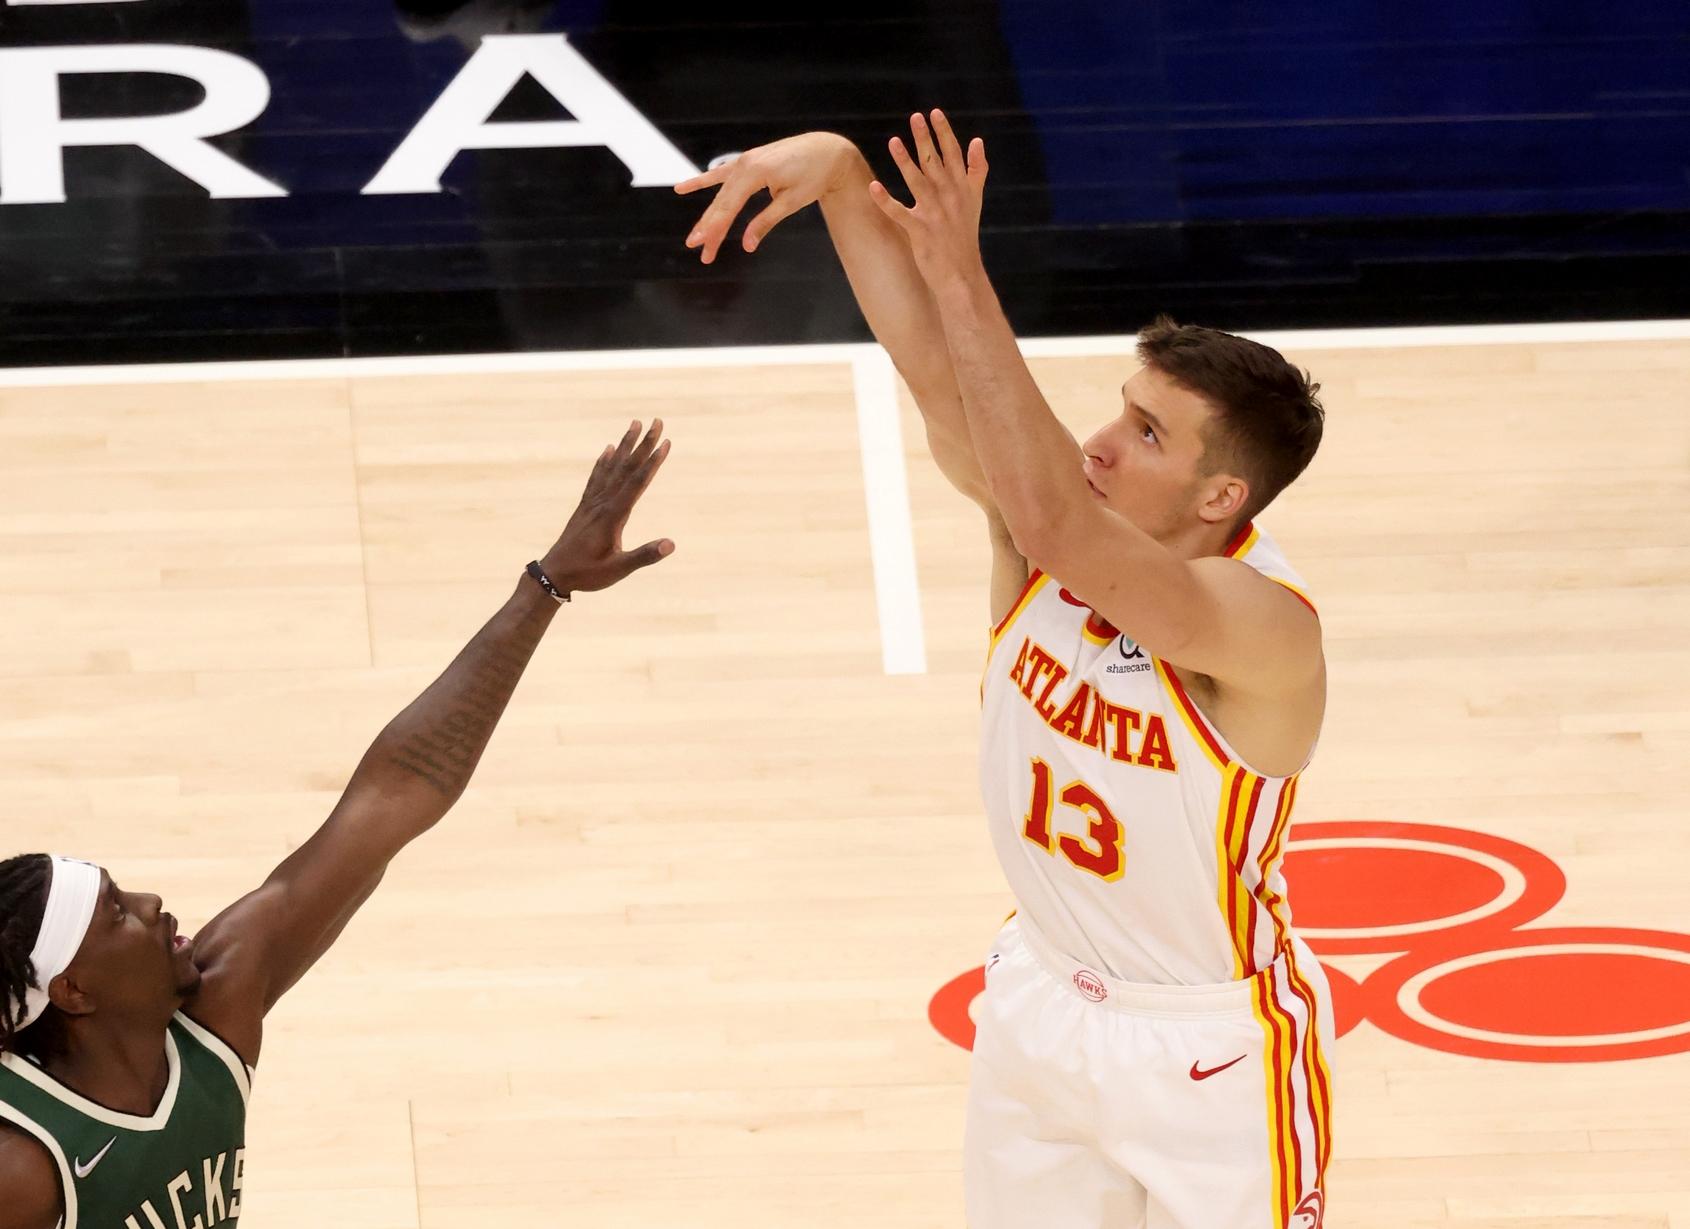 Ο Μπογκντάνοβιτς «πυροβόλησε» τους Μπακς του φοβερού Αντετοκούνμπο – Τα αποτελέσματα του NBA